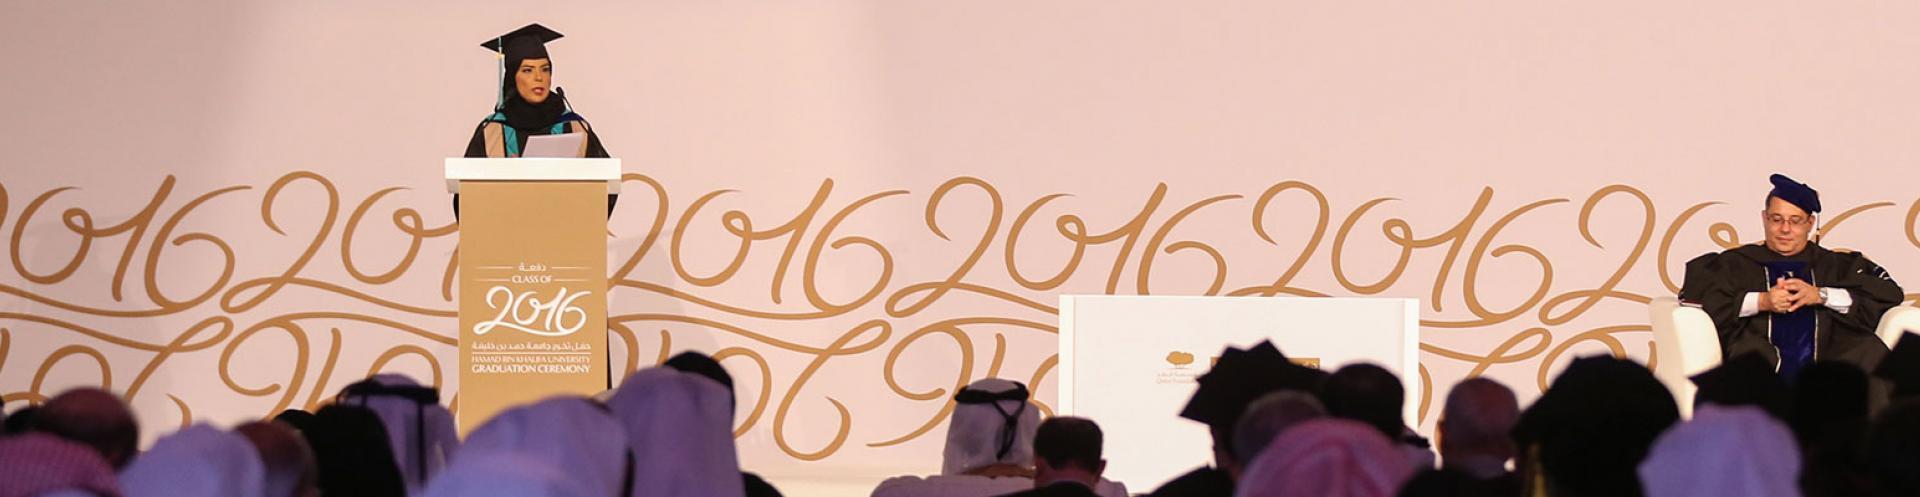 About Hamad Bin Khalifa University